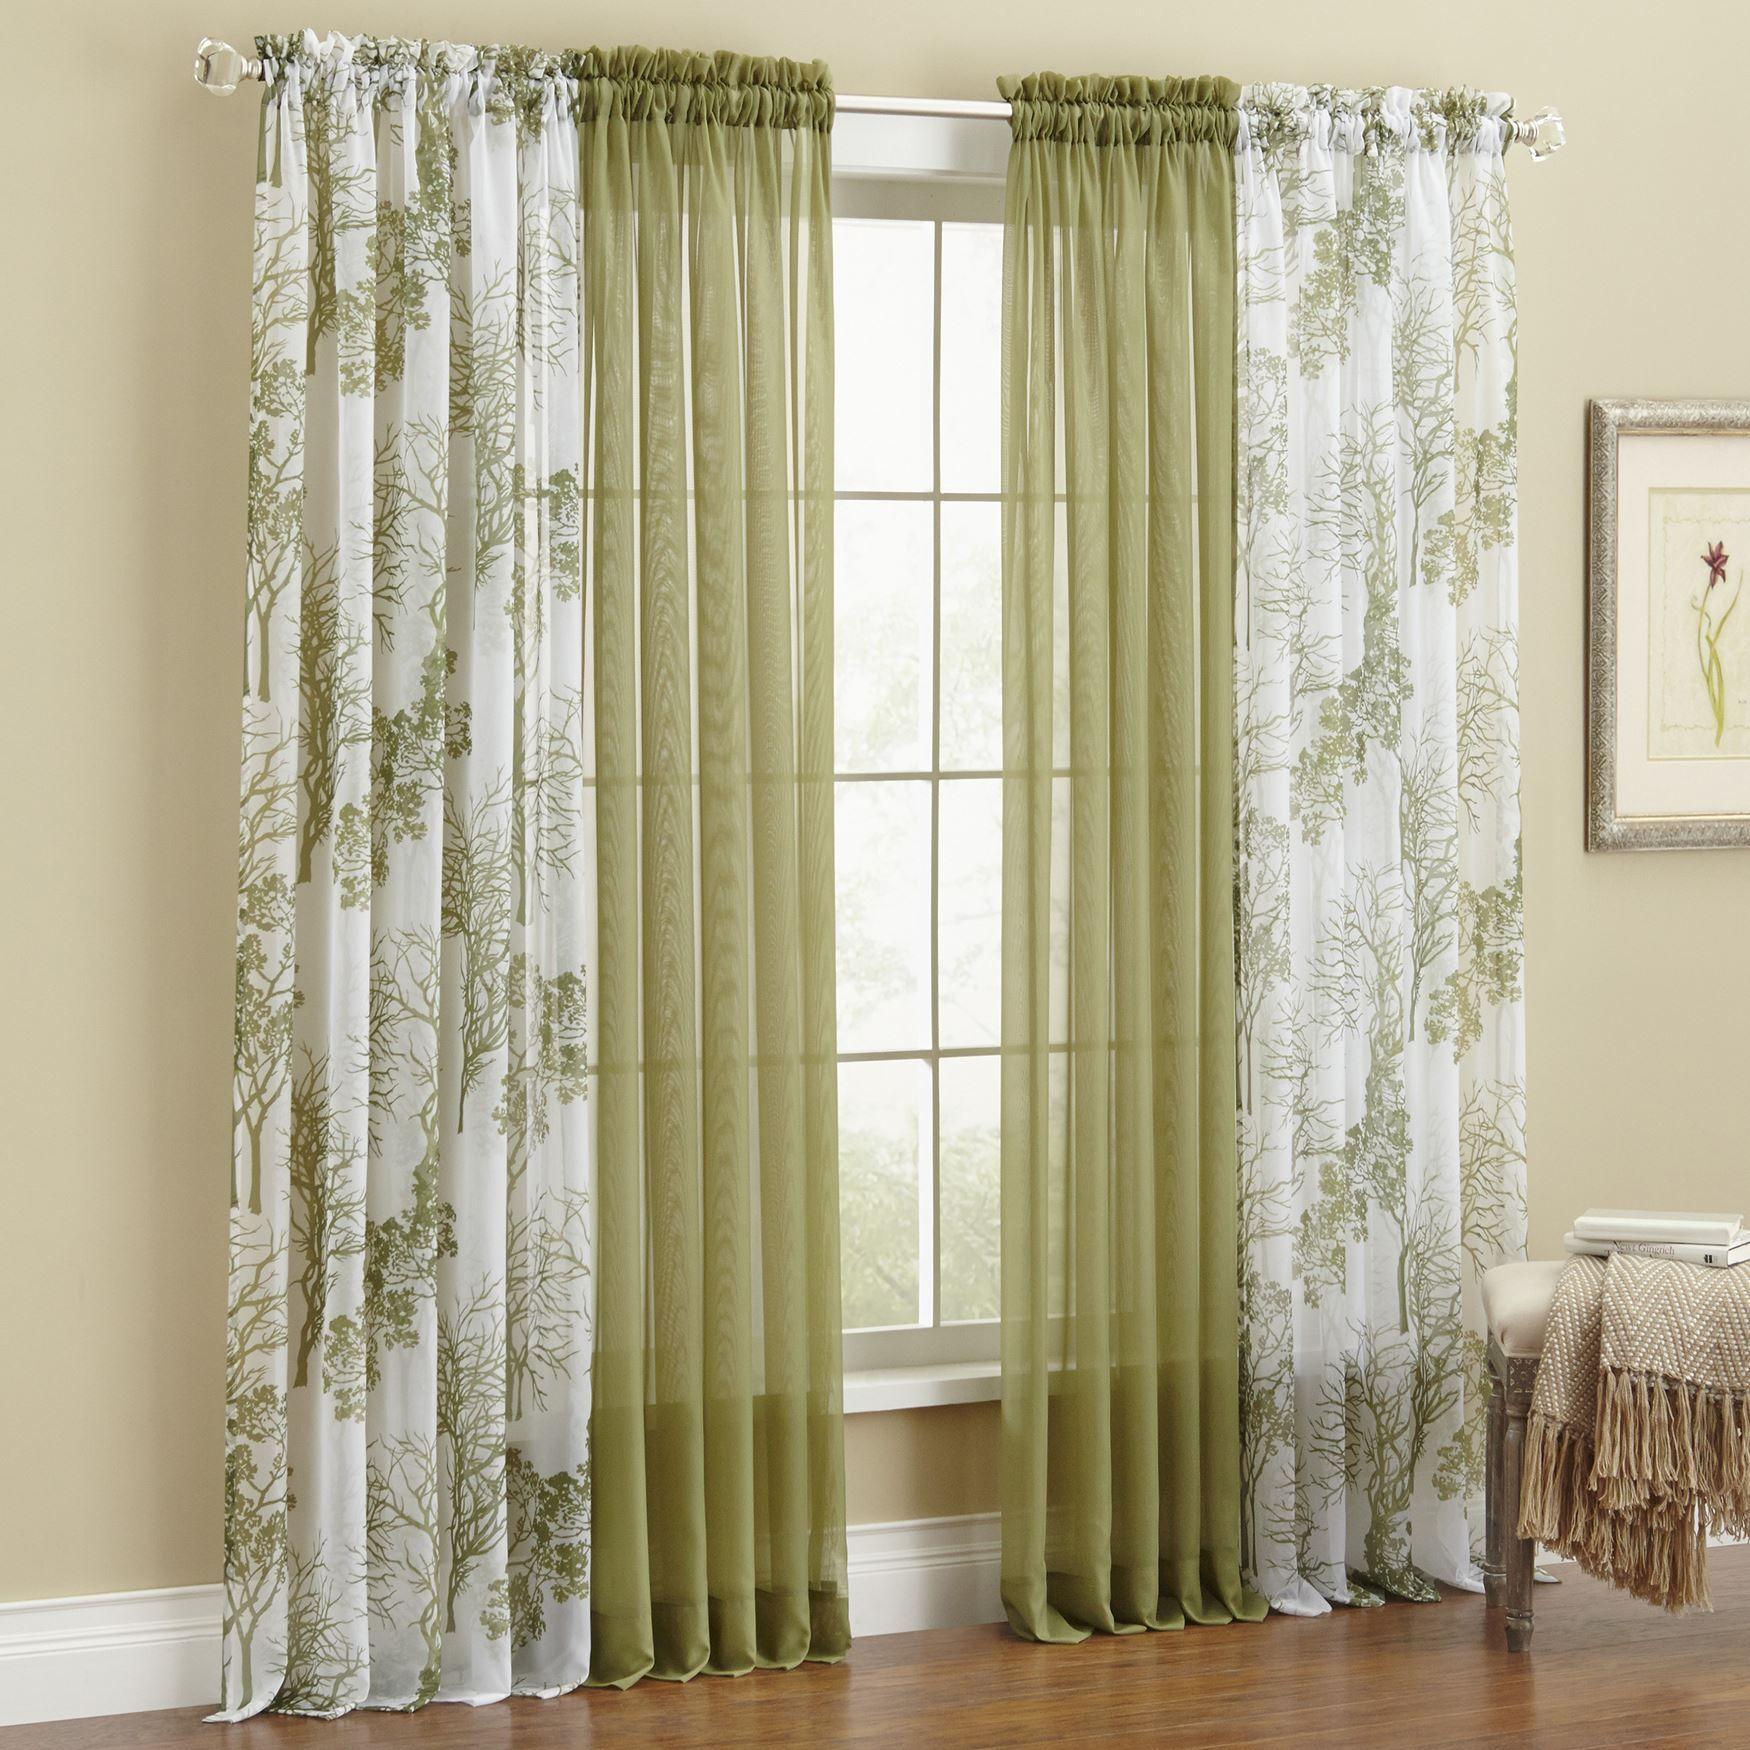 Leaf Sheer Voile Rod Pocket Curtain